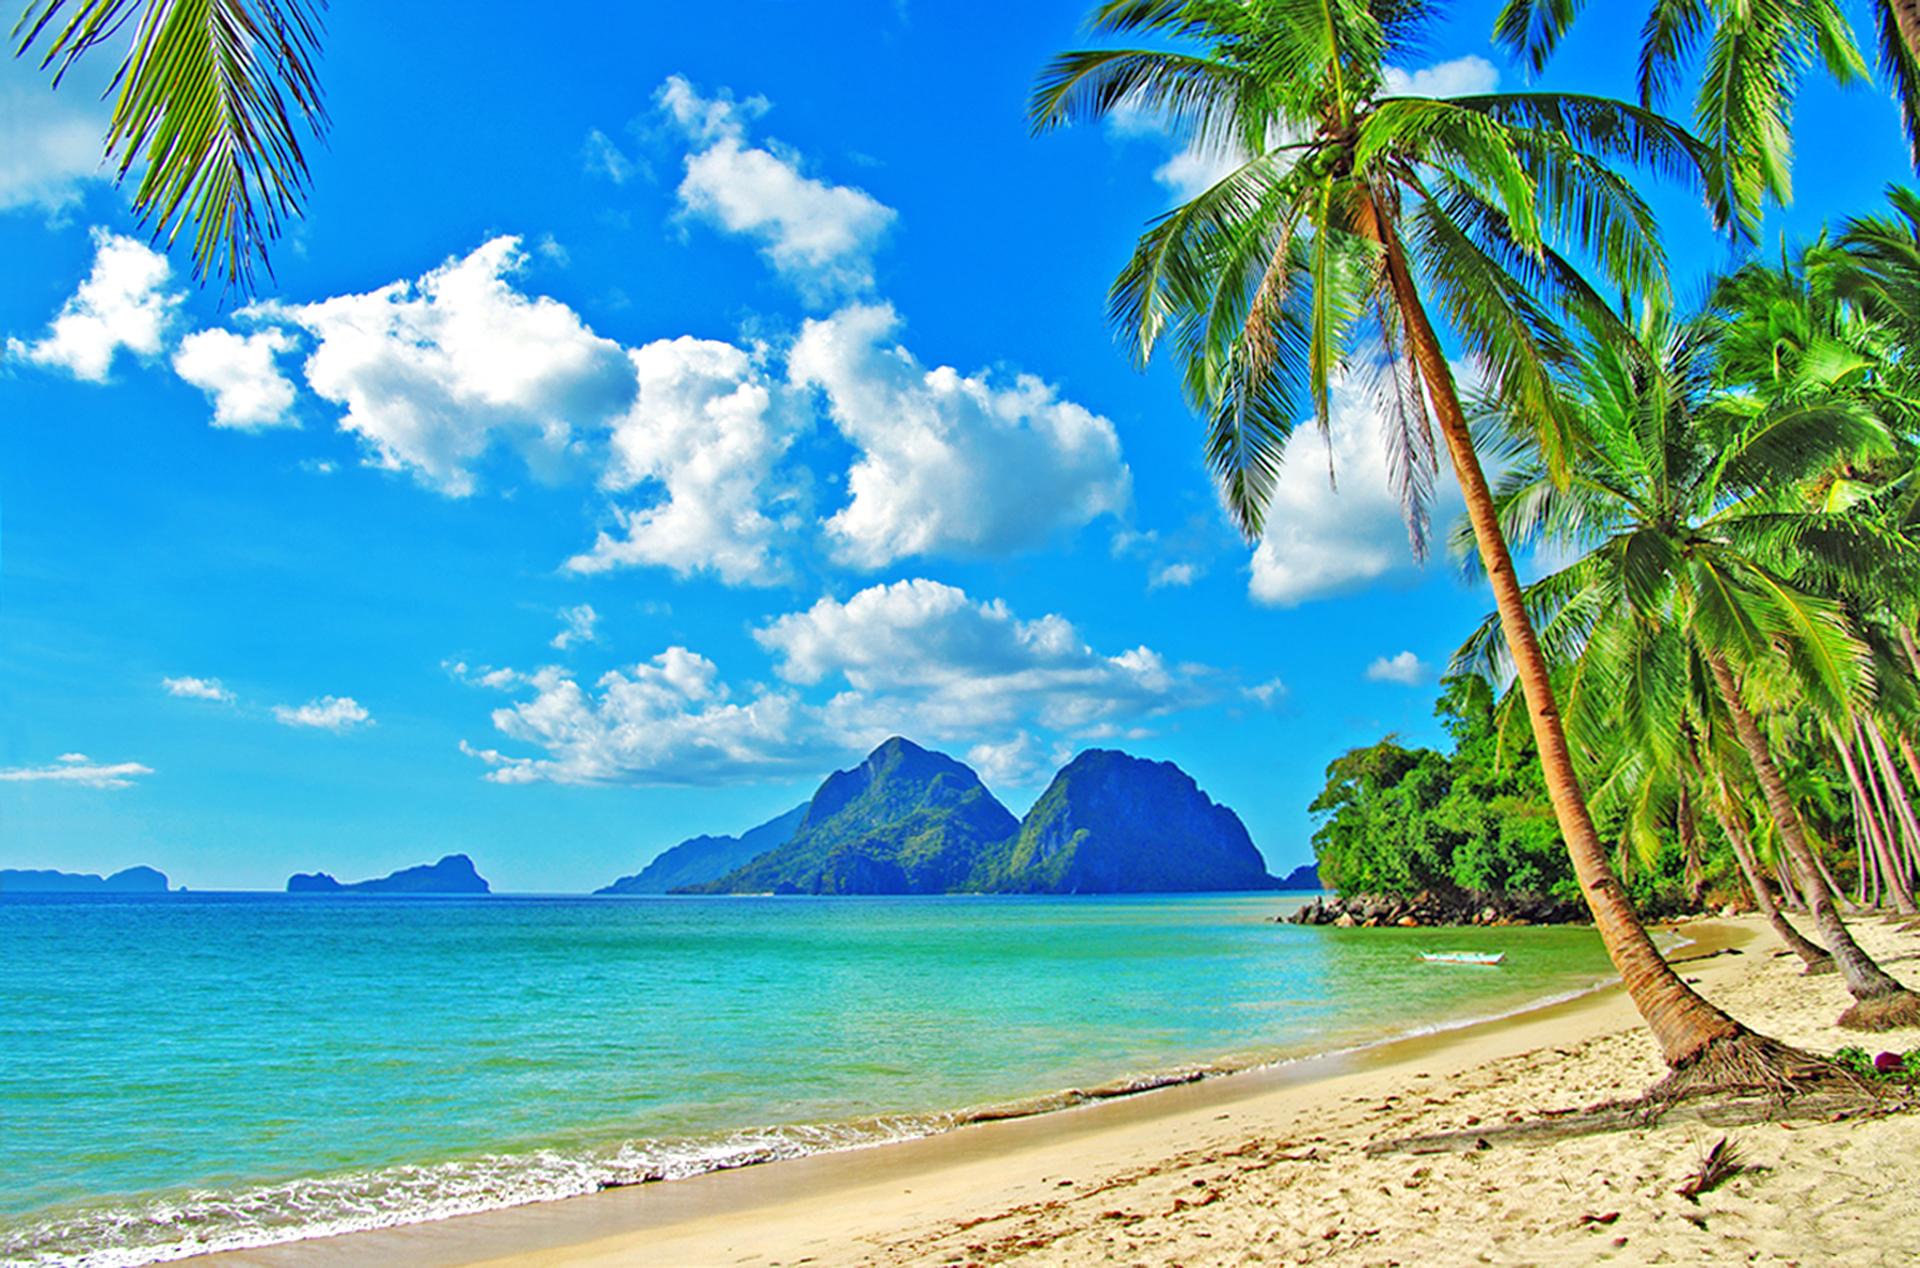 Солнце море пальмы пляж  Глава 1  Катори Киса  ru